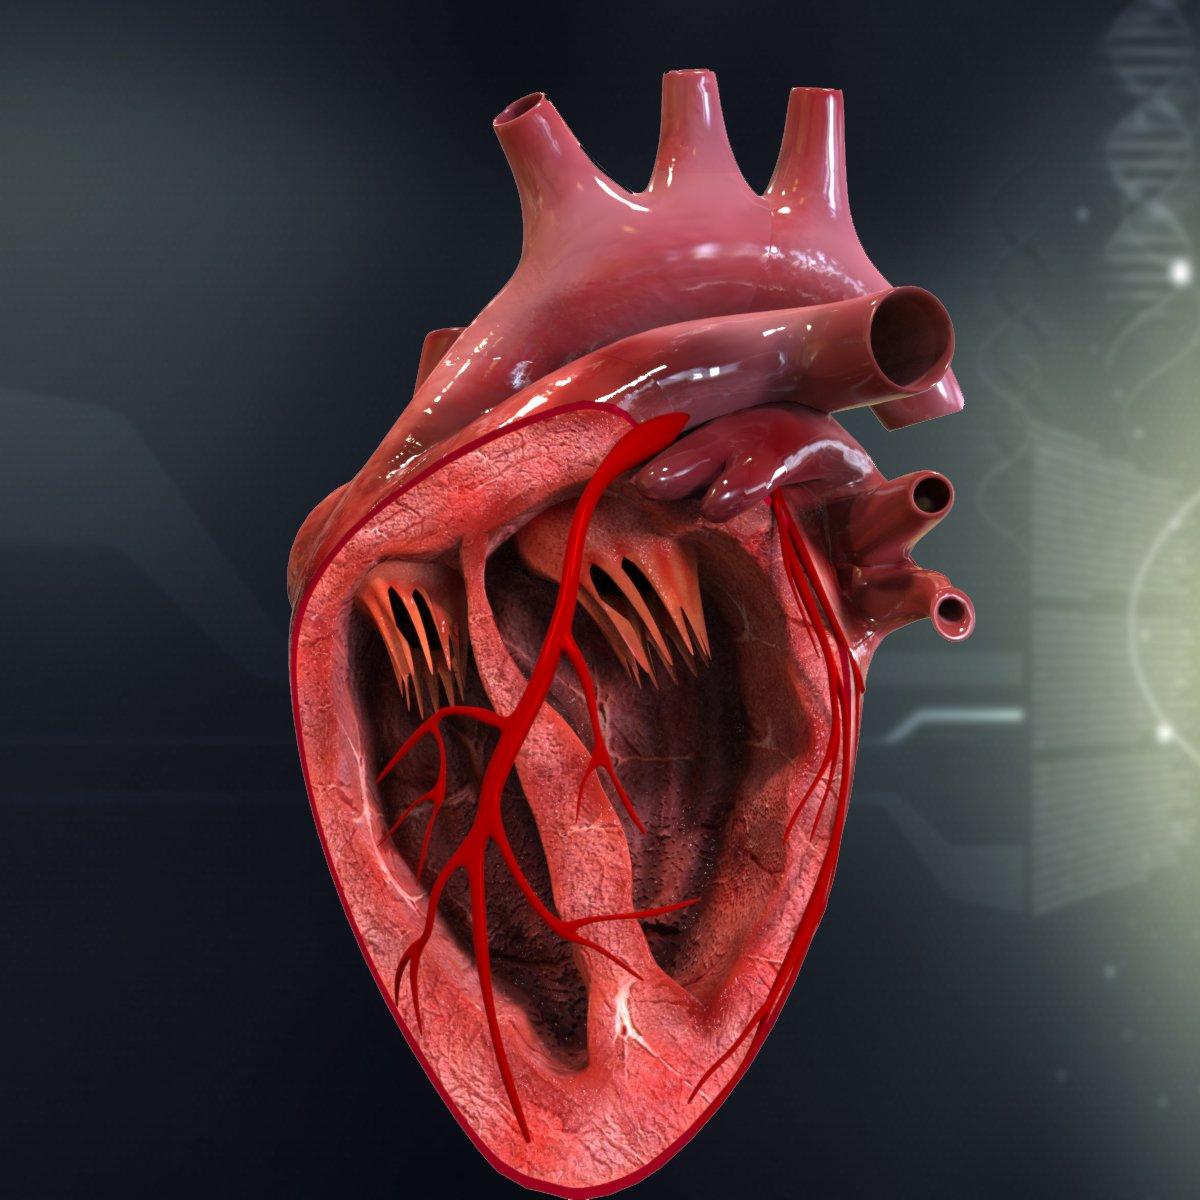 Human Heart Cutaway Anatomy 3d In 3dexport